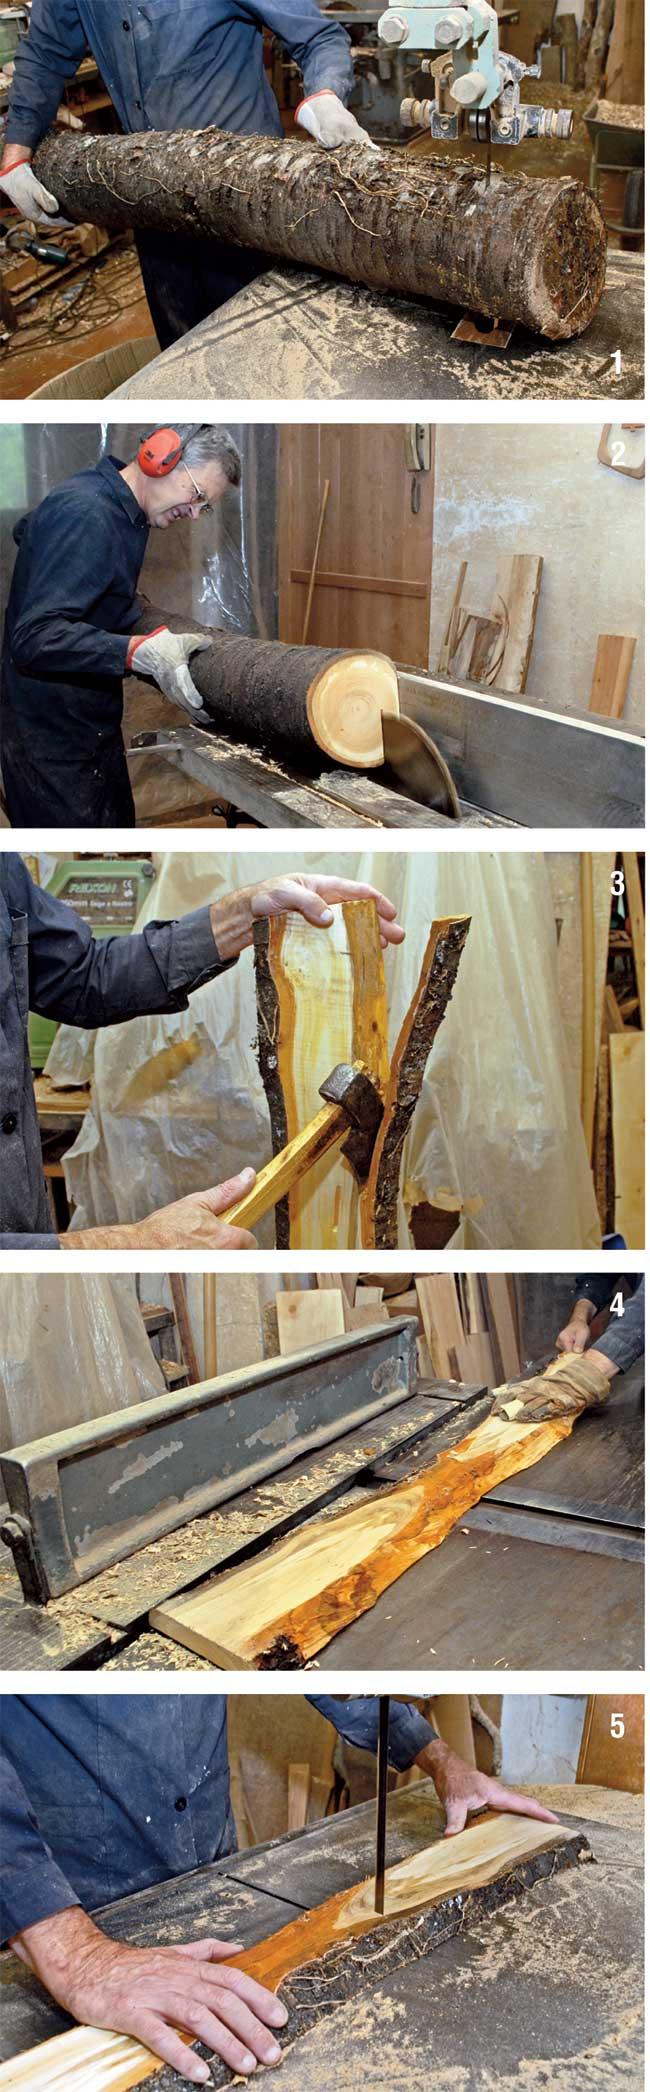 Trattamento Legno Per Uso Alimentare tagliere in legno fai da te | 14 foto descritte passo-passo